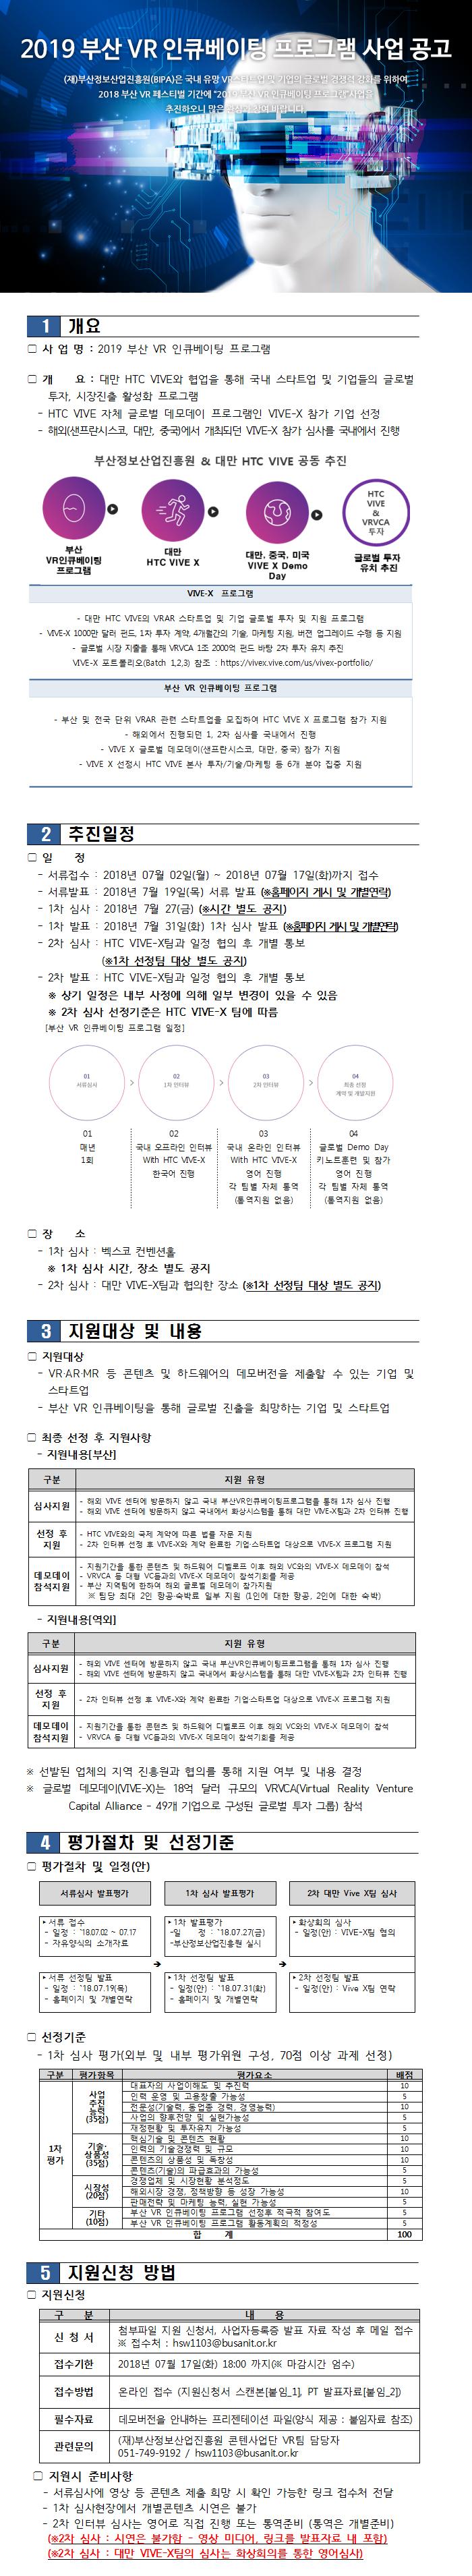 2019 부산 VR 인큐베이팅 프로그램 사업 공고